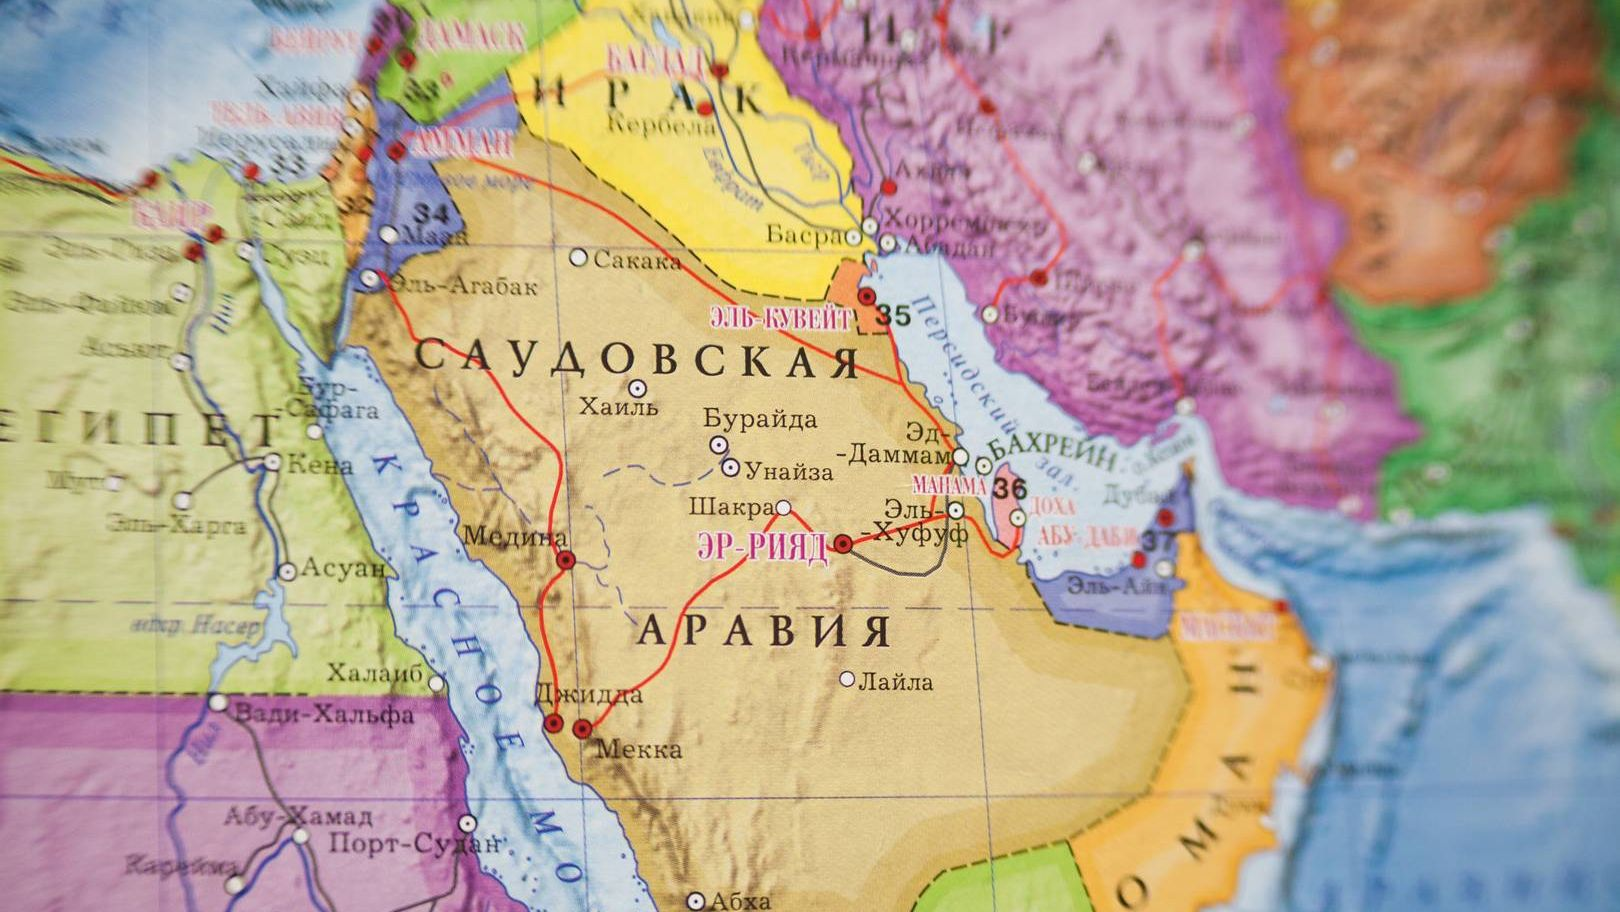 Саудовская Аравия Карта мир